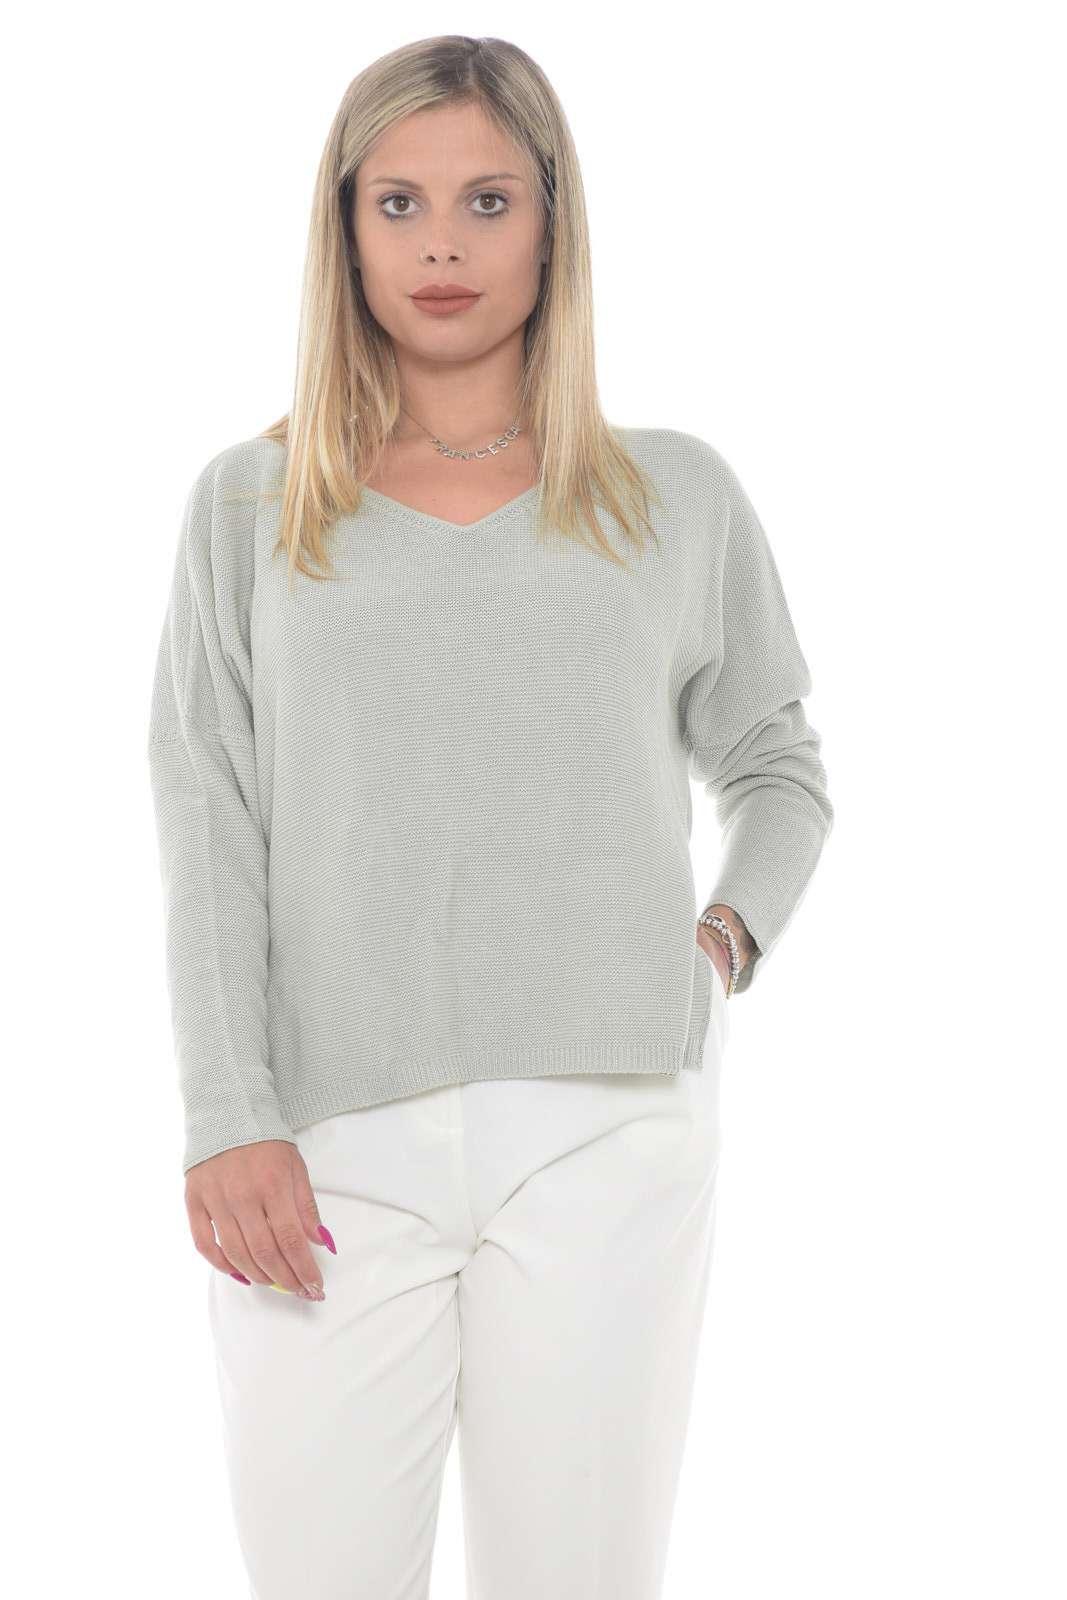 Una maglia donna elegante e dettagliata quella firmata Fabiana Filippi. Da indossare nelle occasioni più formali grazie alla sua femminilità. Per outfit fashion, sempre all'ultima moda.